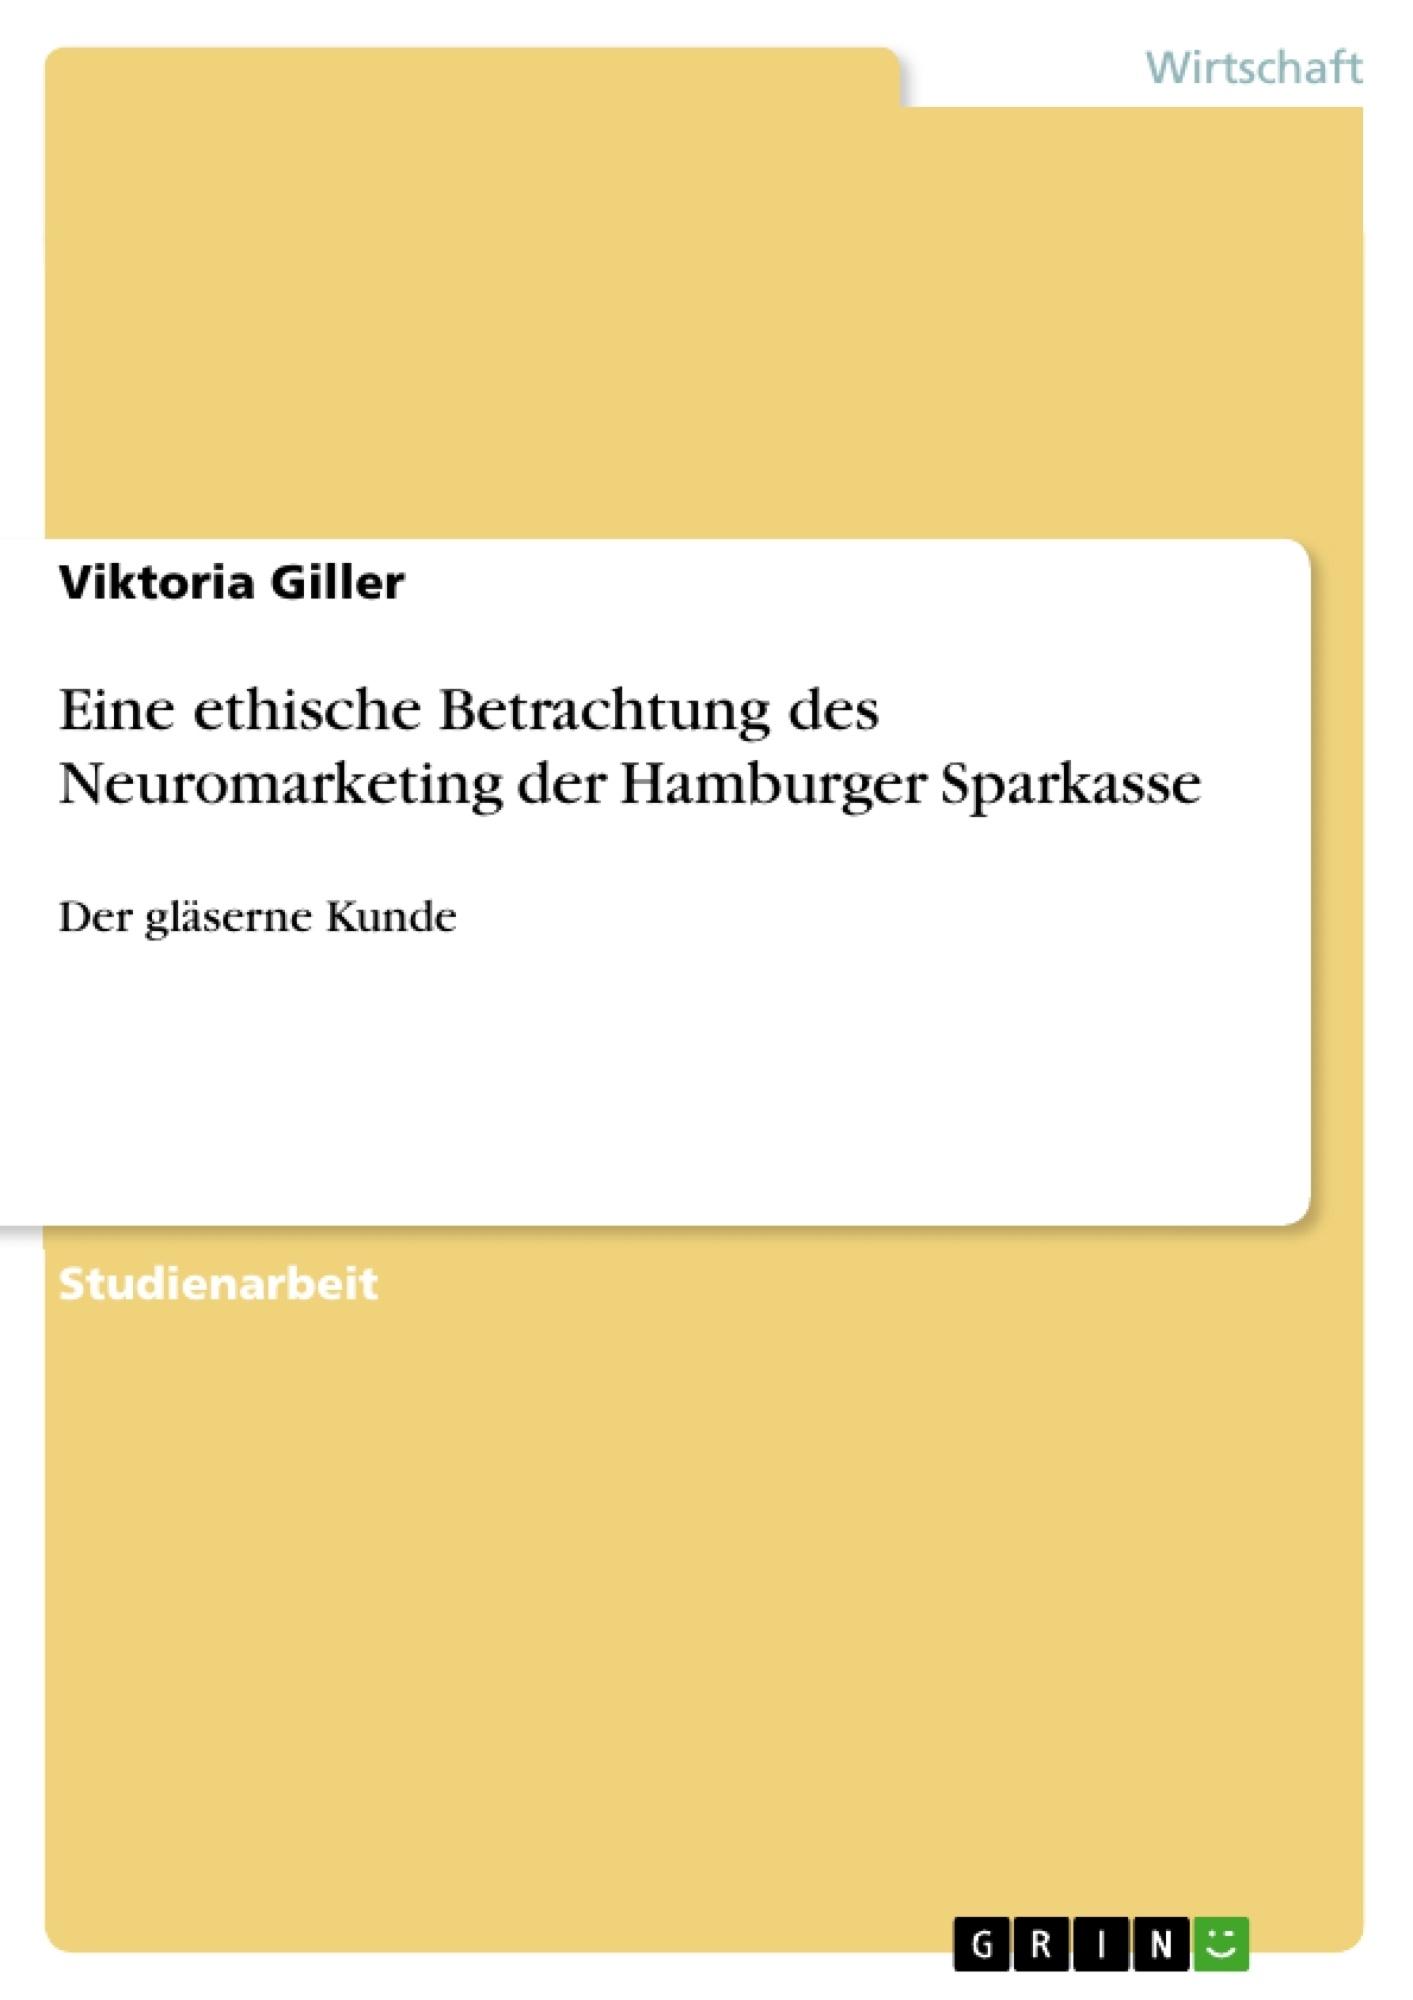 Titel: Eine ethische Betrachtung des Neuromarketing der Hamburger Sparkasse